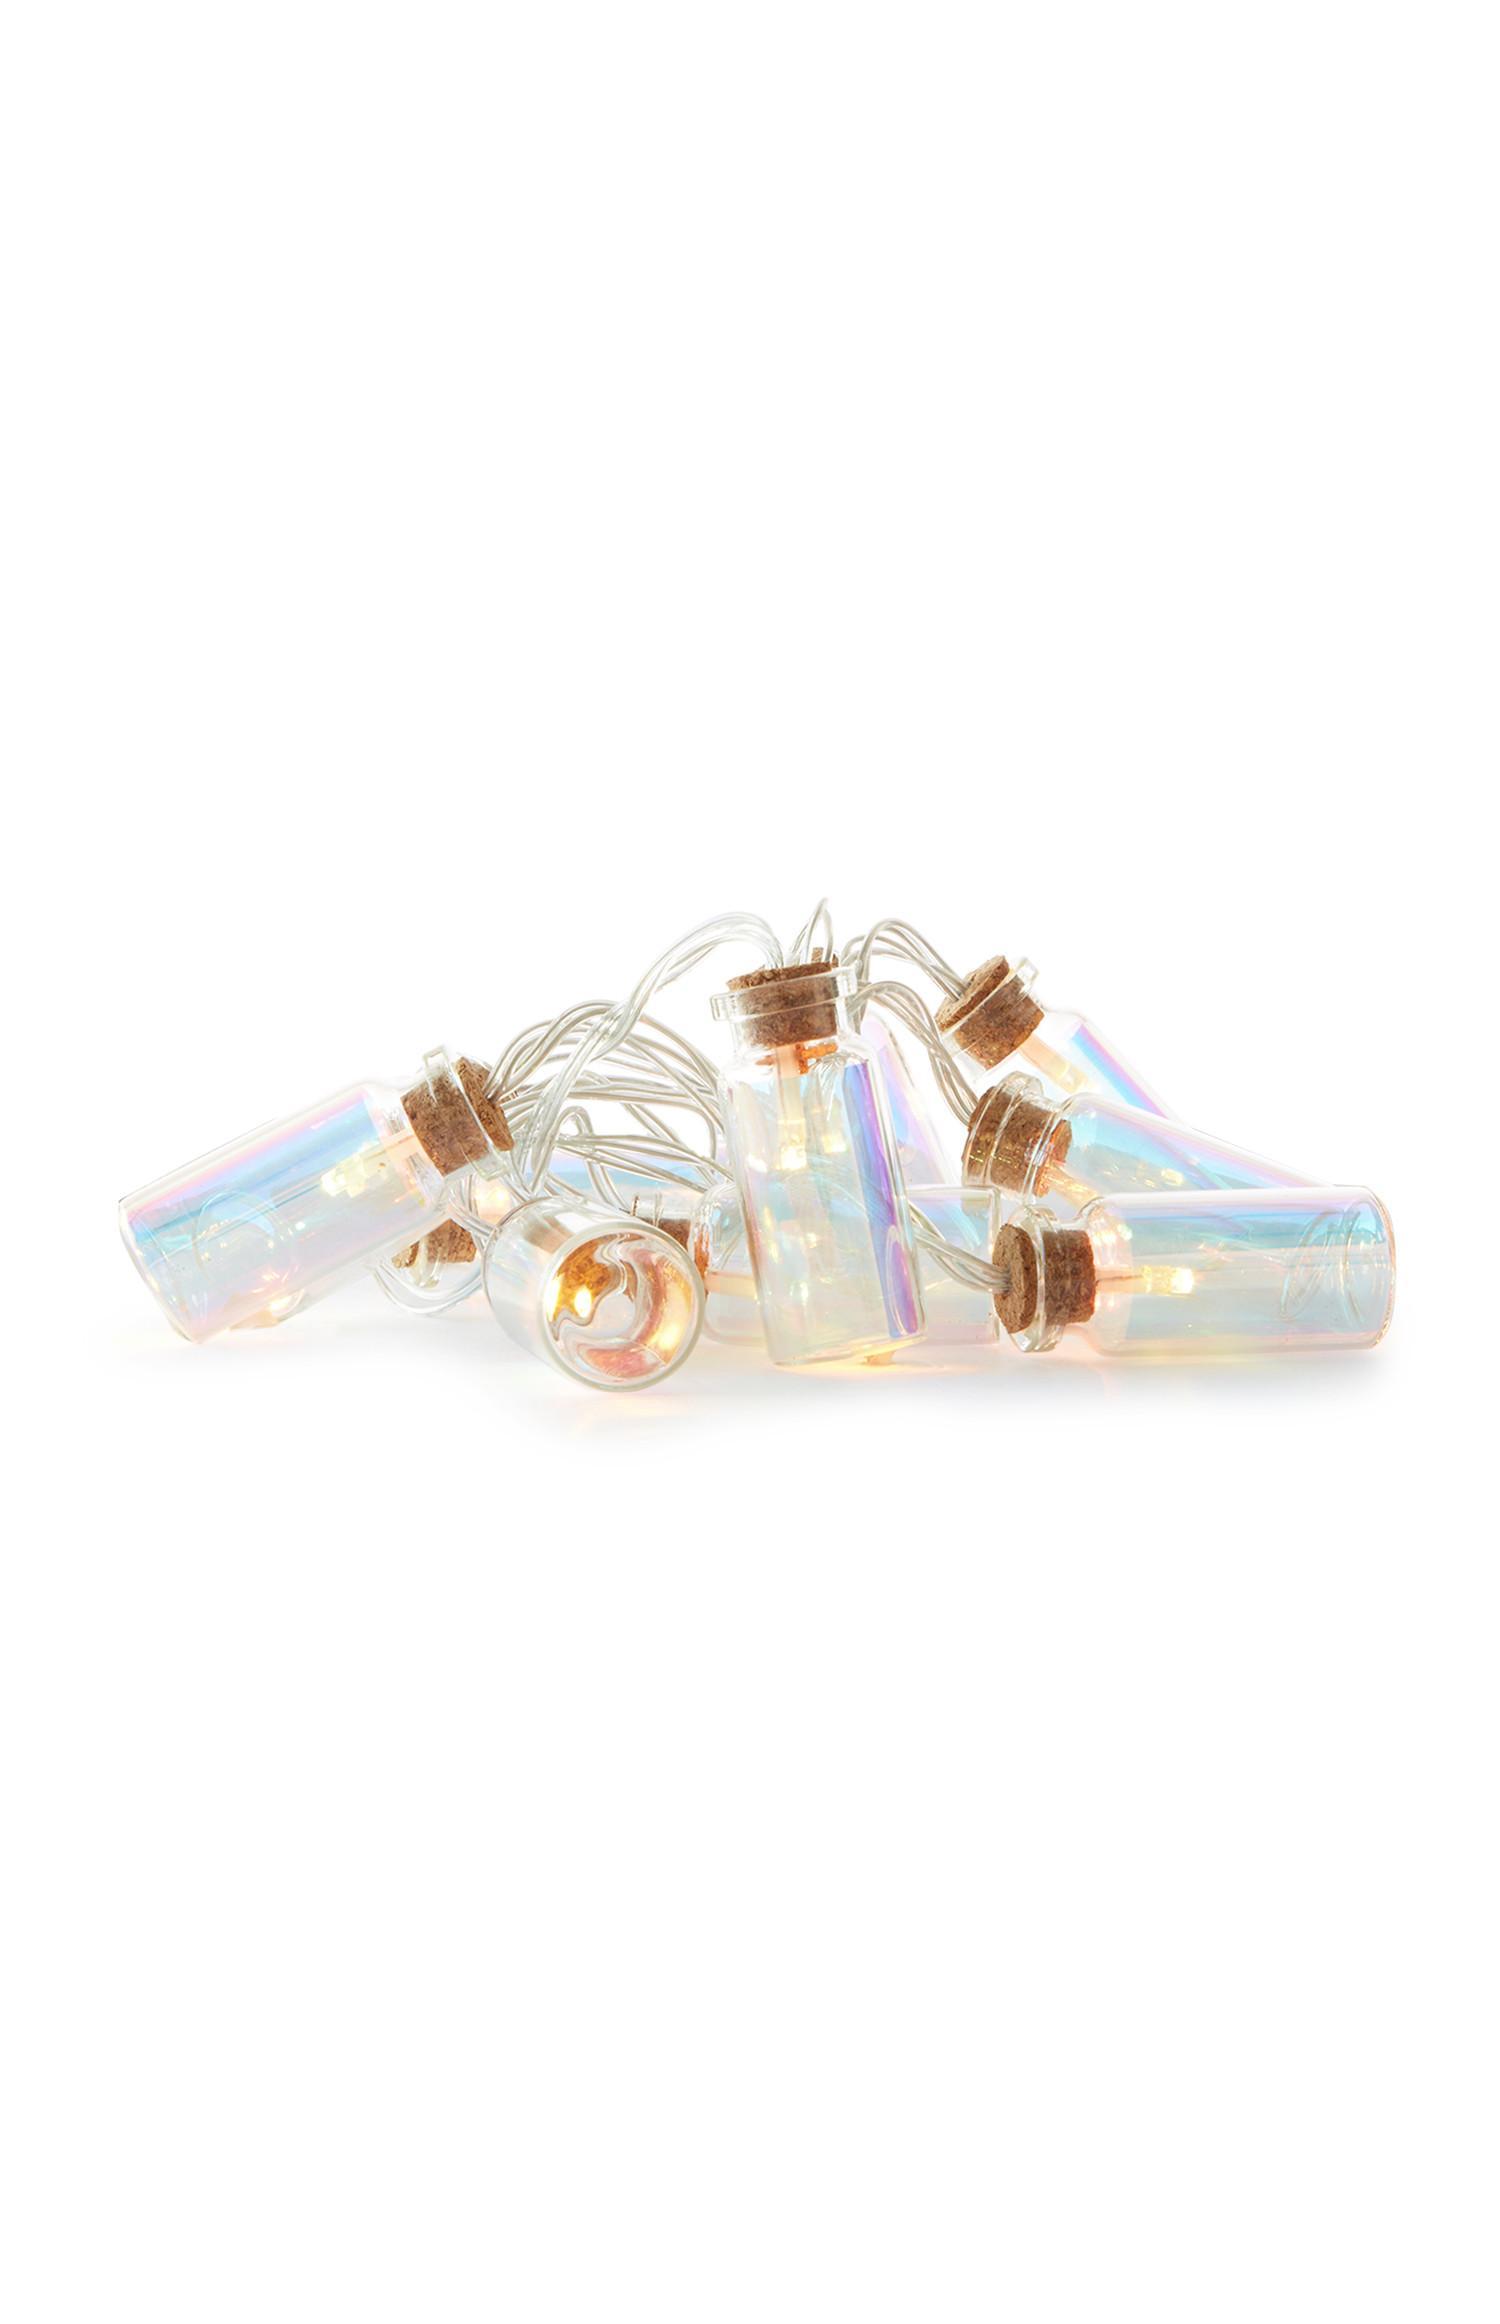 Cadena de luces con forma de botella